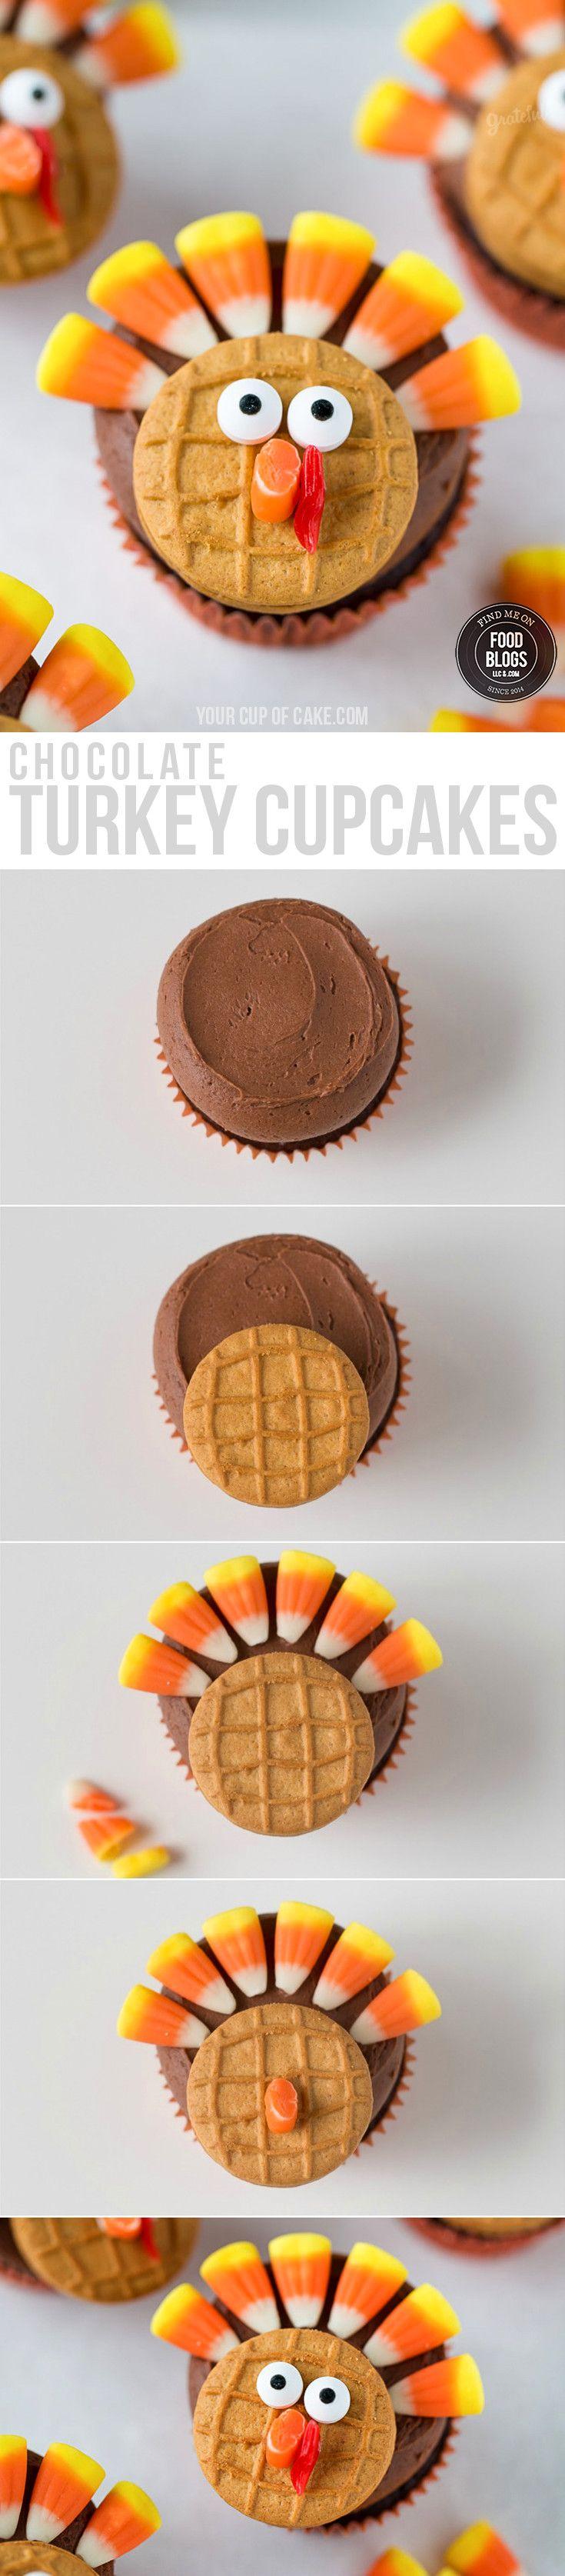 Best 20+ Chocolate turkey ideas on Pinterest   Turkey cupcakes ...